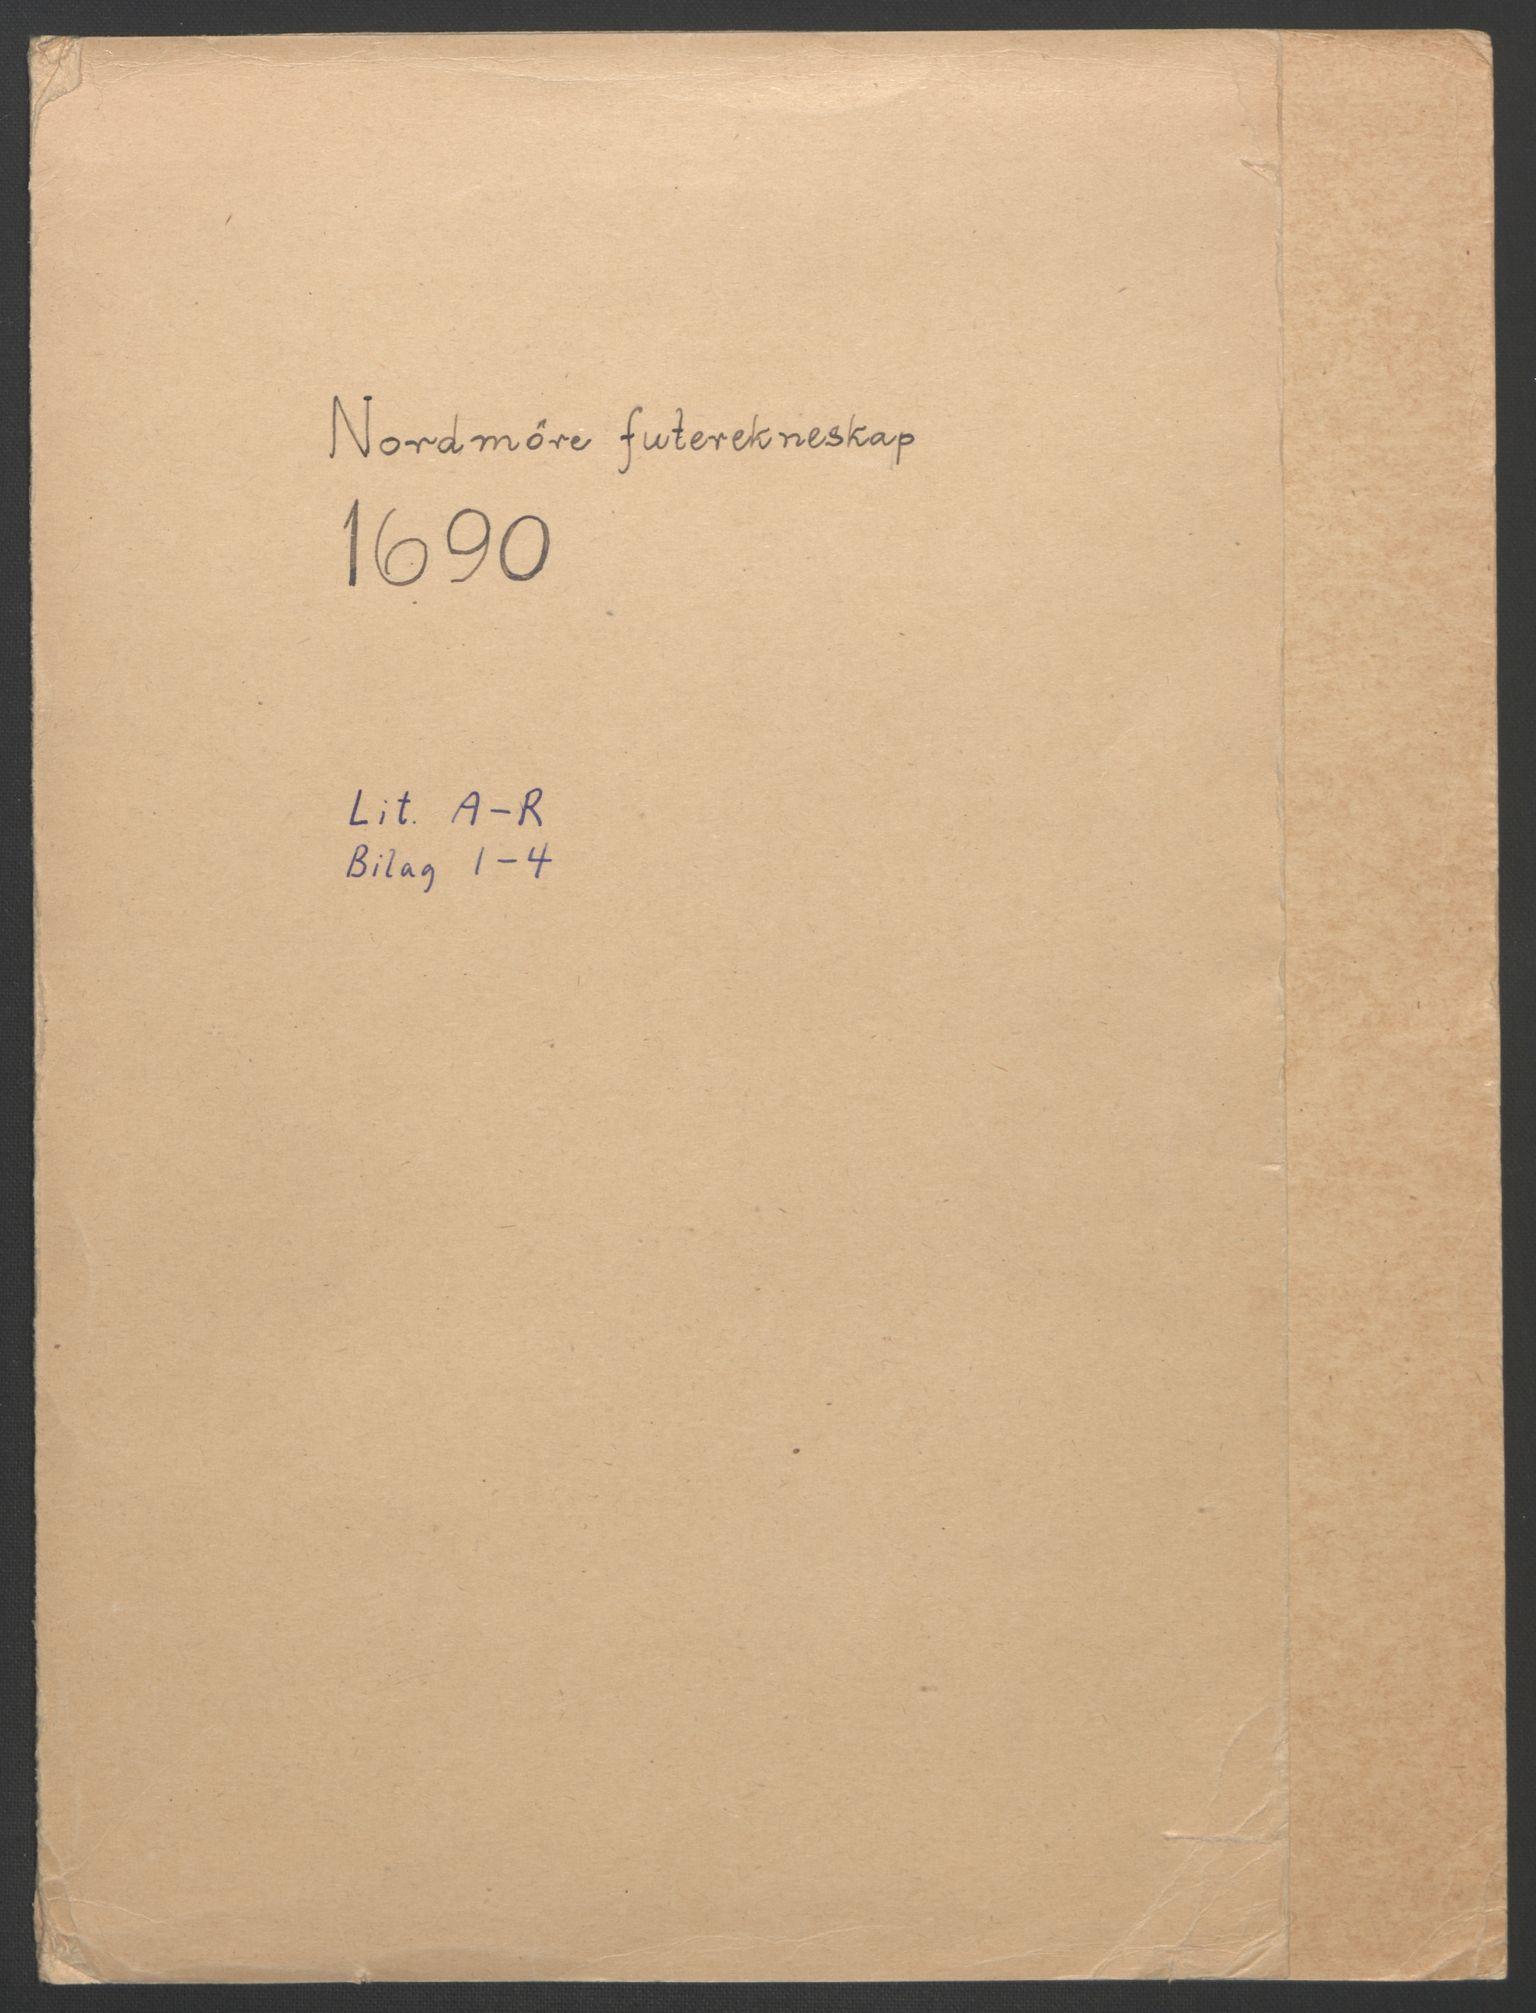 RA, Rentekammeret inntil 1814, Reviderte regnskaper, Fogderegnskap, R56/L3734: Fogderegnskap Nordmøre, 1690-1691, s. 2